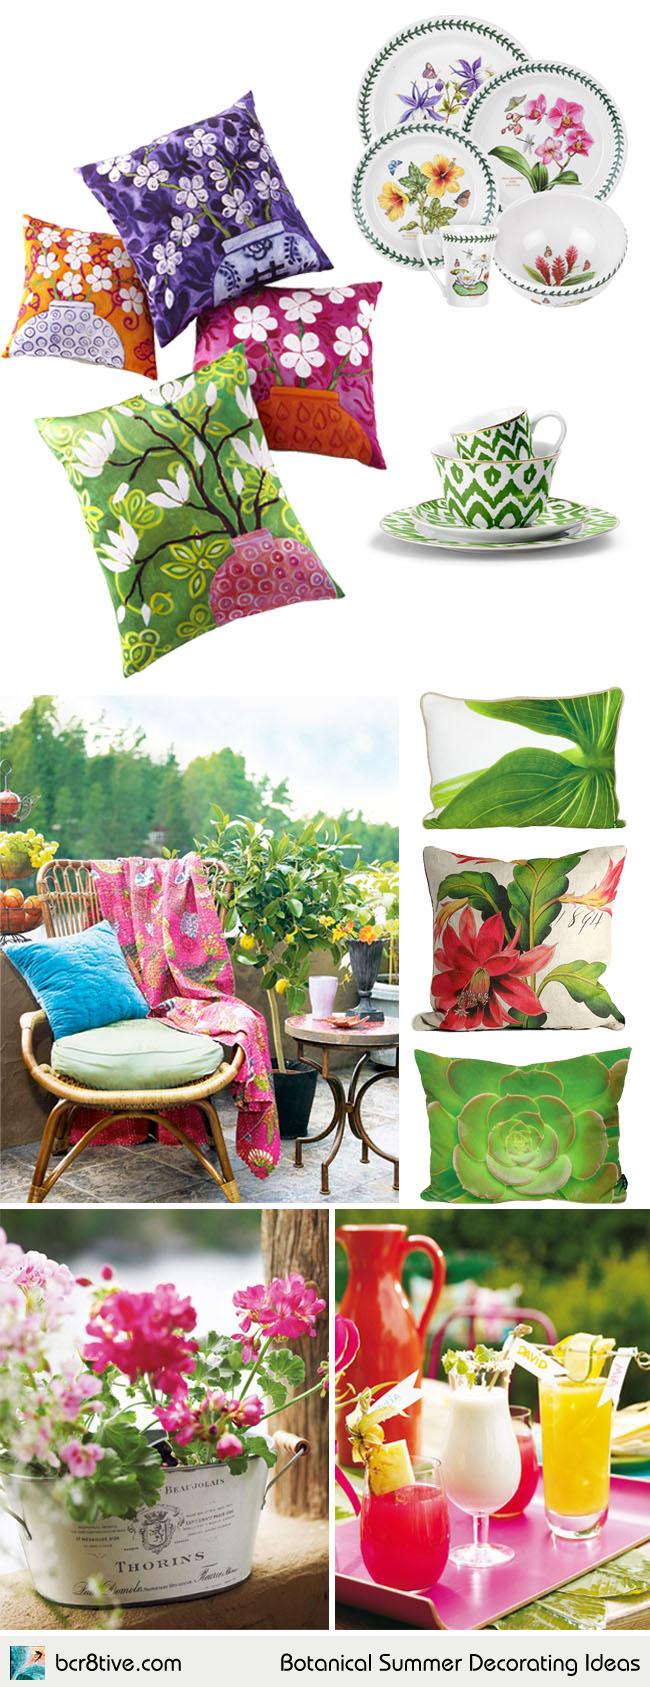 Botanical Summer Decorating Ideas